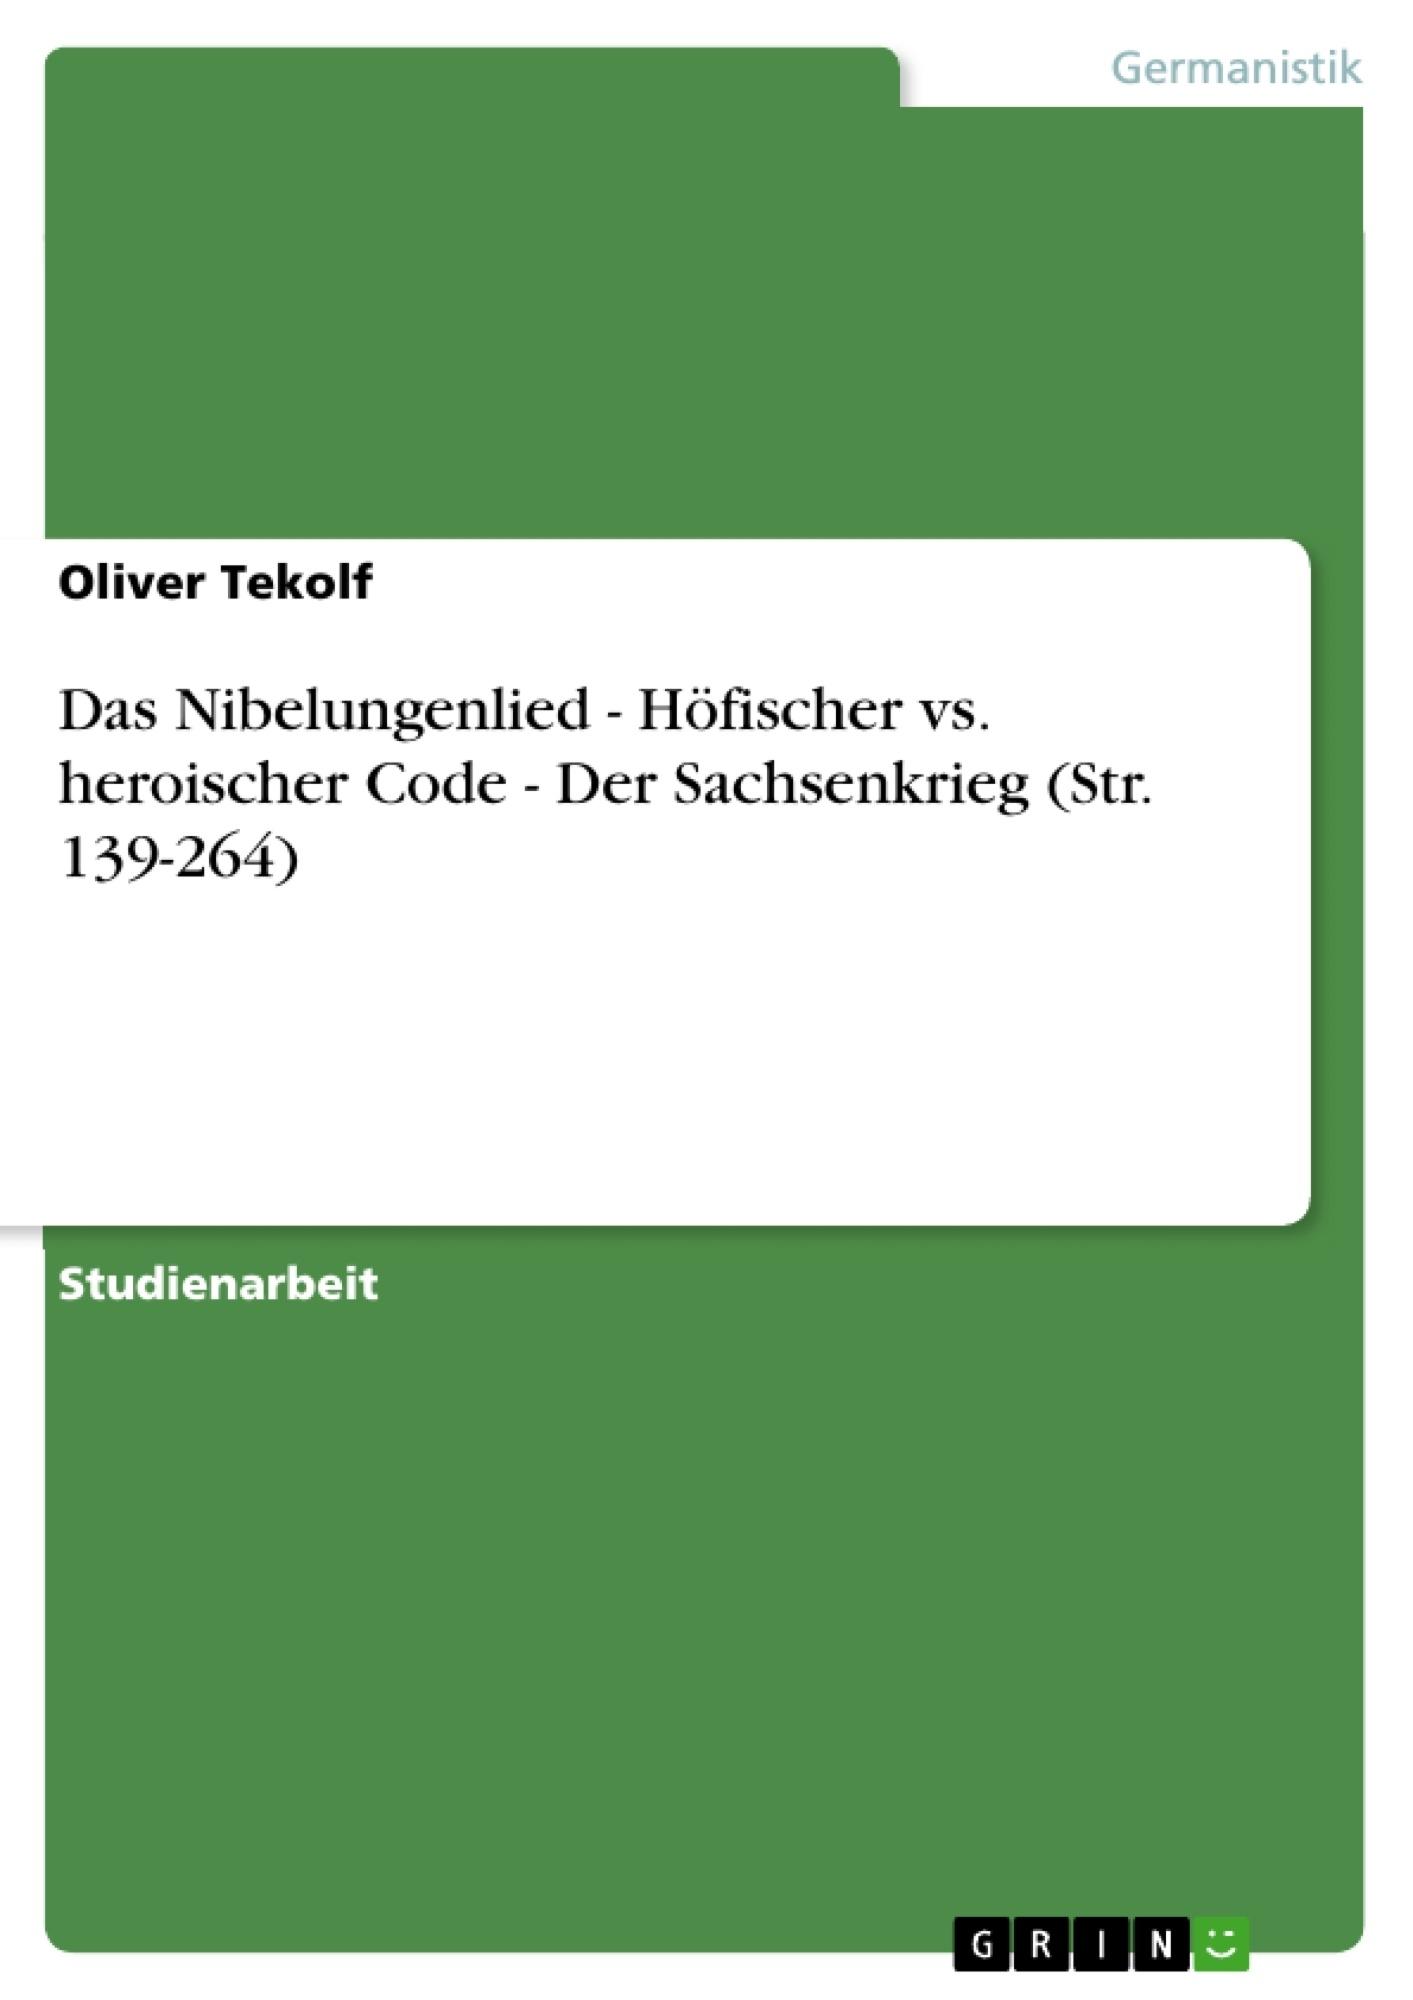 Titel: Das Nibelungenlied - Höfischer vs. heroischer Code - Der Sachsenkrieg (Str. 139-264)